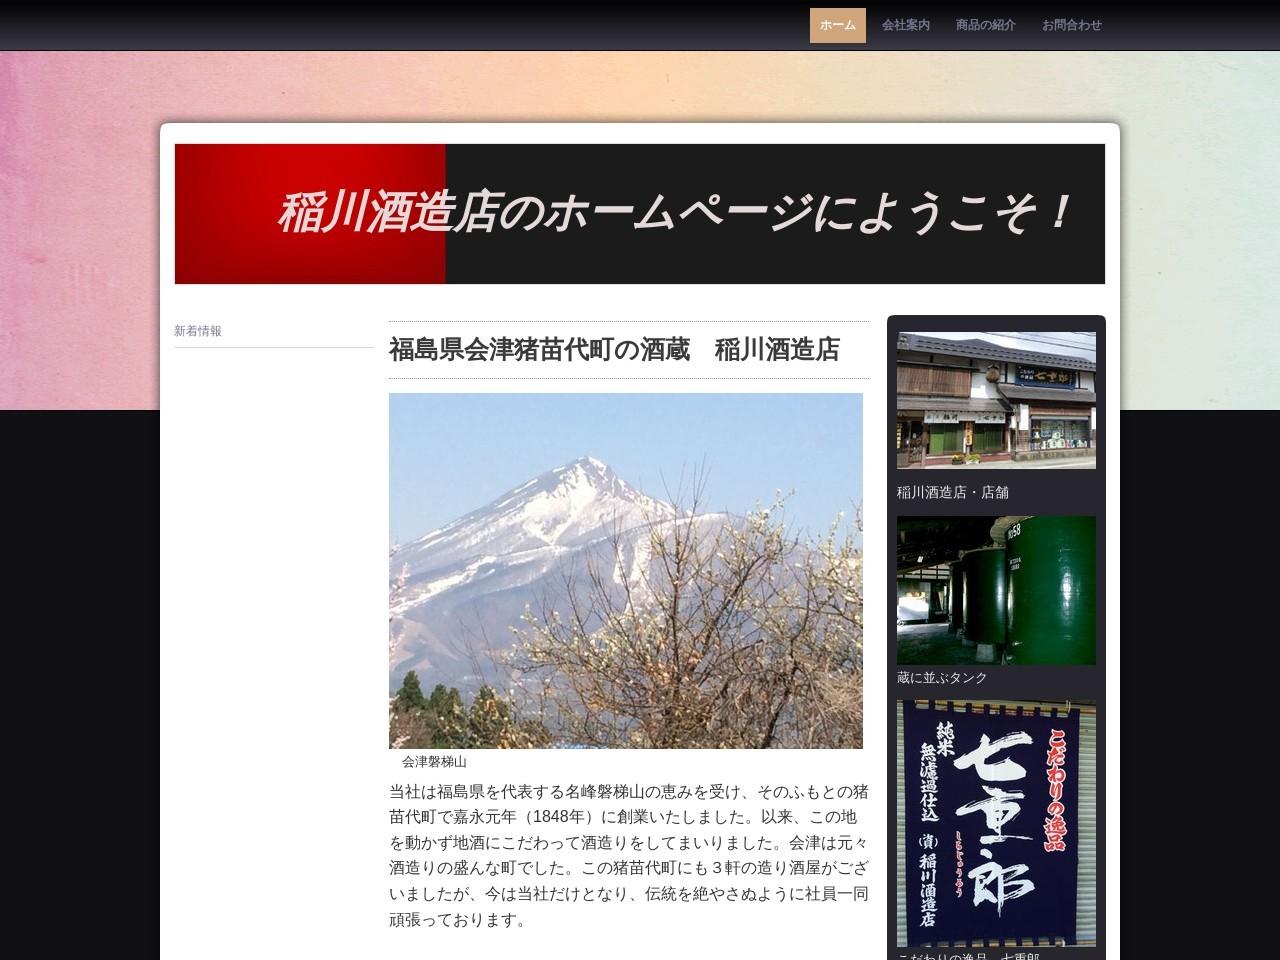 稲川酒造店 会津の銘酒 七重郎 - 160年以上の歴史を持つ酒蔵 稲川 七重郎